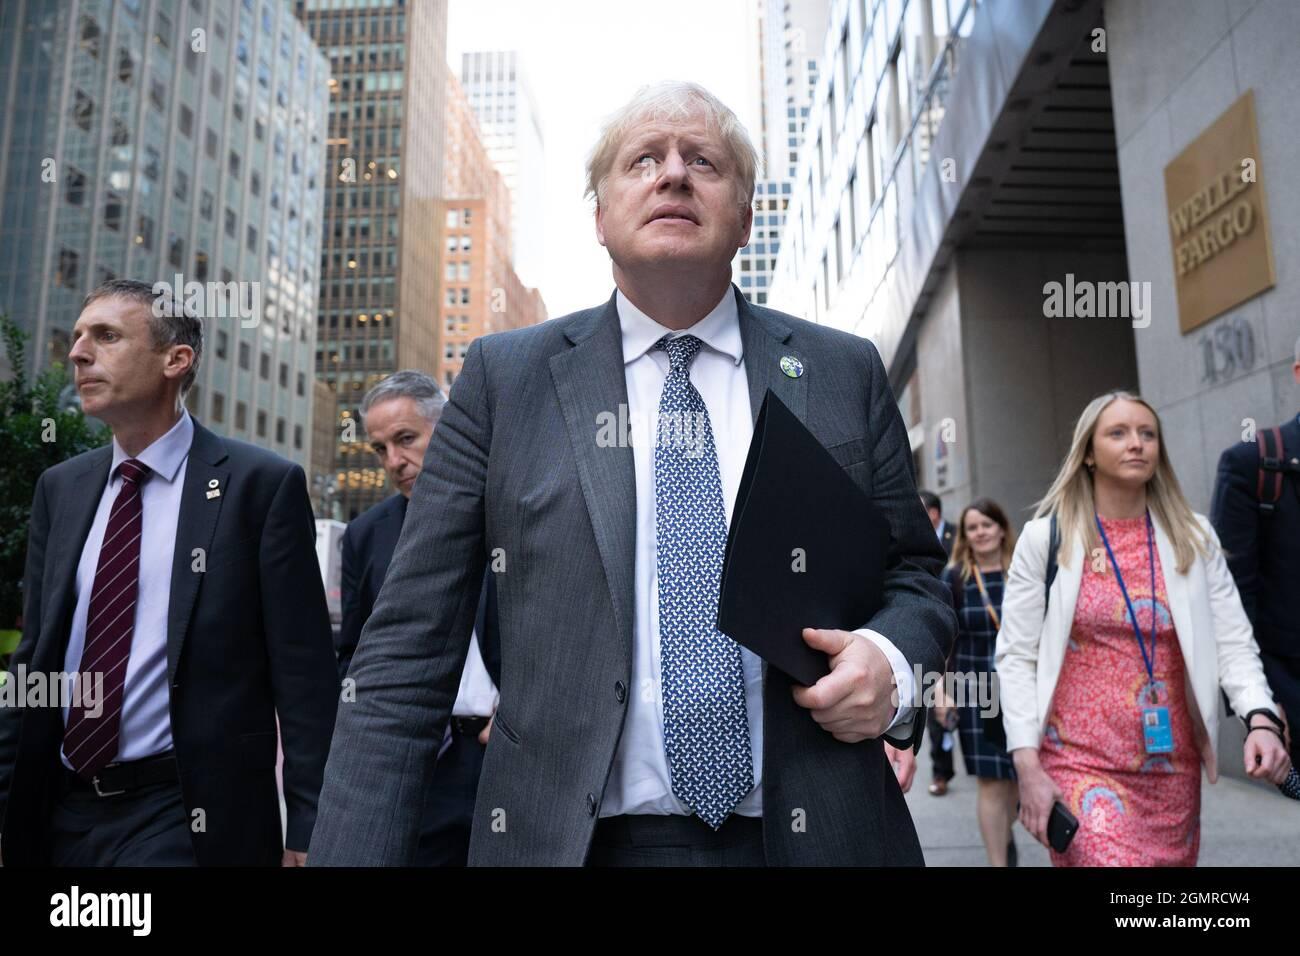 Premierminister Boris Johnson geht zu einem Fernsehinterview in New York, während er während seines Besuchs in den Vereinigten Staaten an der Generalversammlung der Vereinten Nationen teilnimmt. Bilddatum: Montag, 20. September 2021. Stockfoto